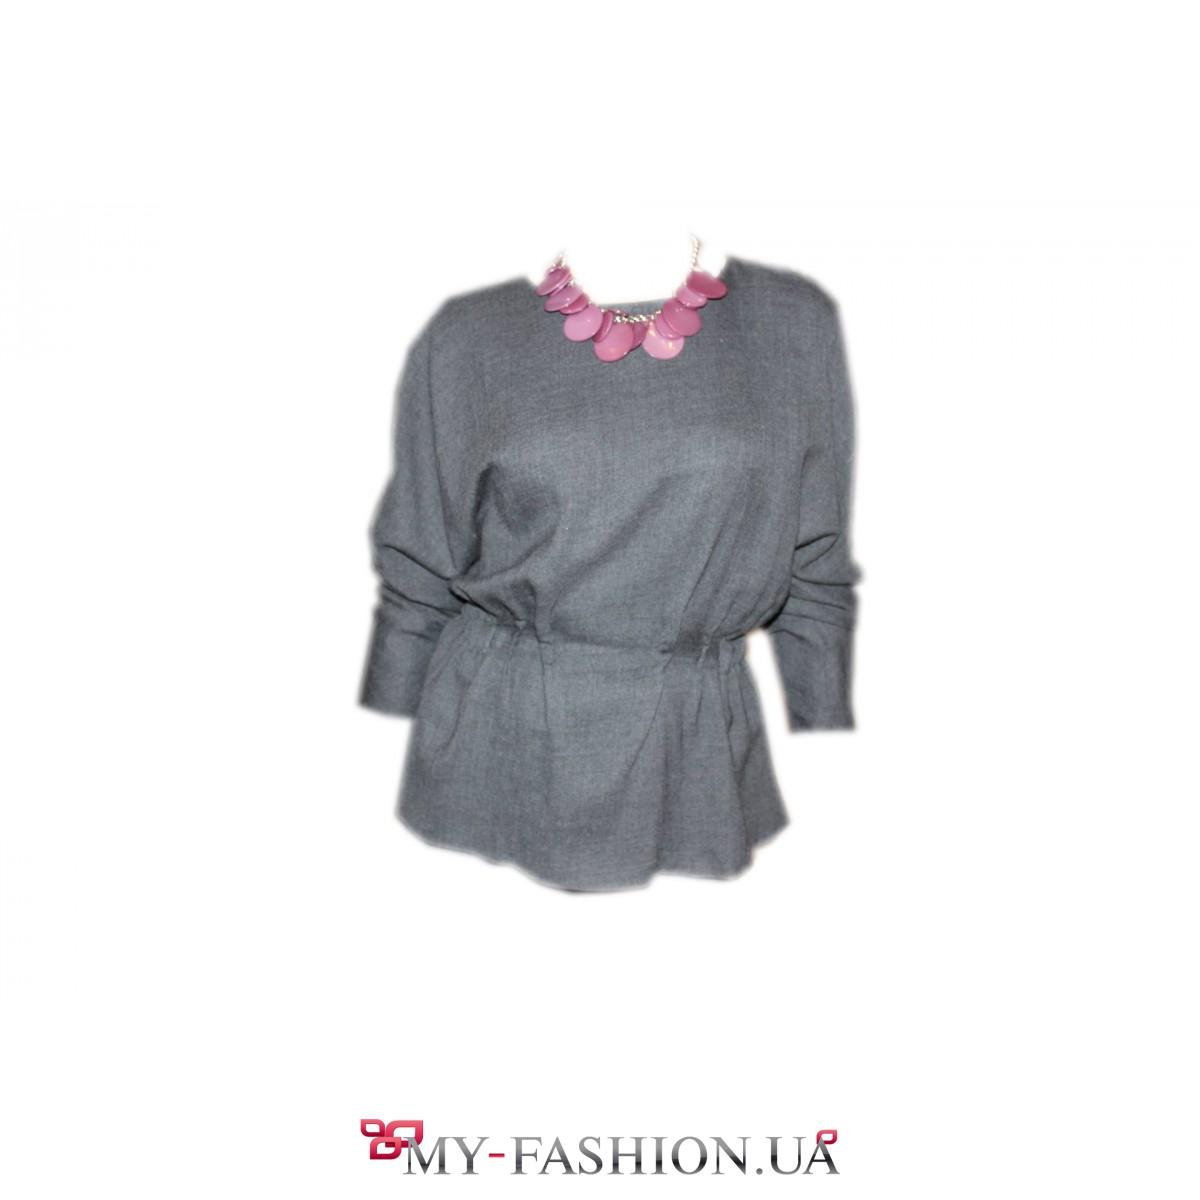 Купить оригинальную блузку в интернет магазине